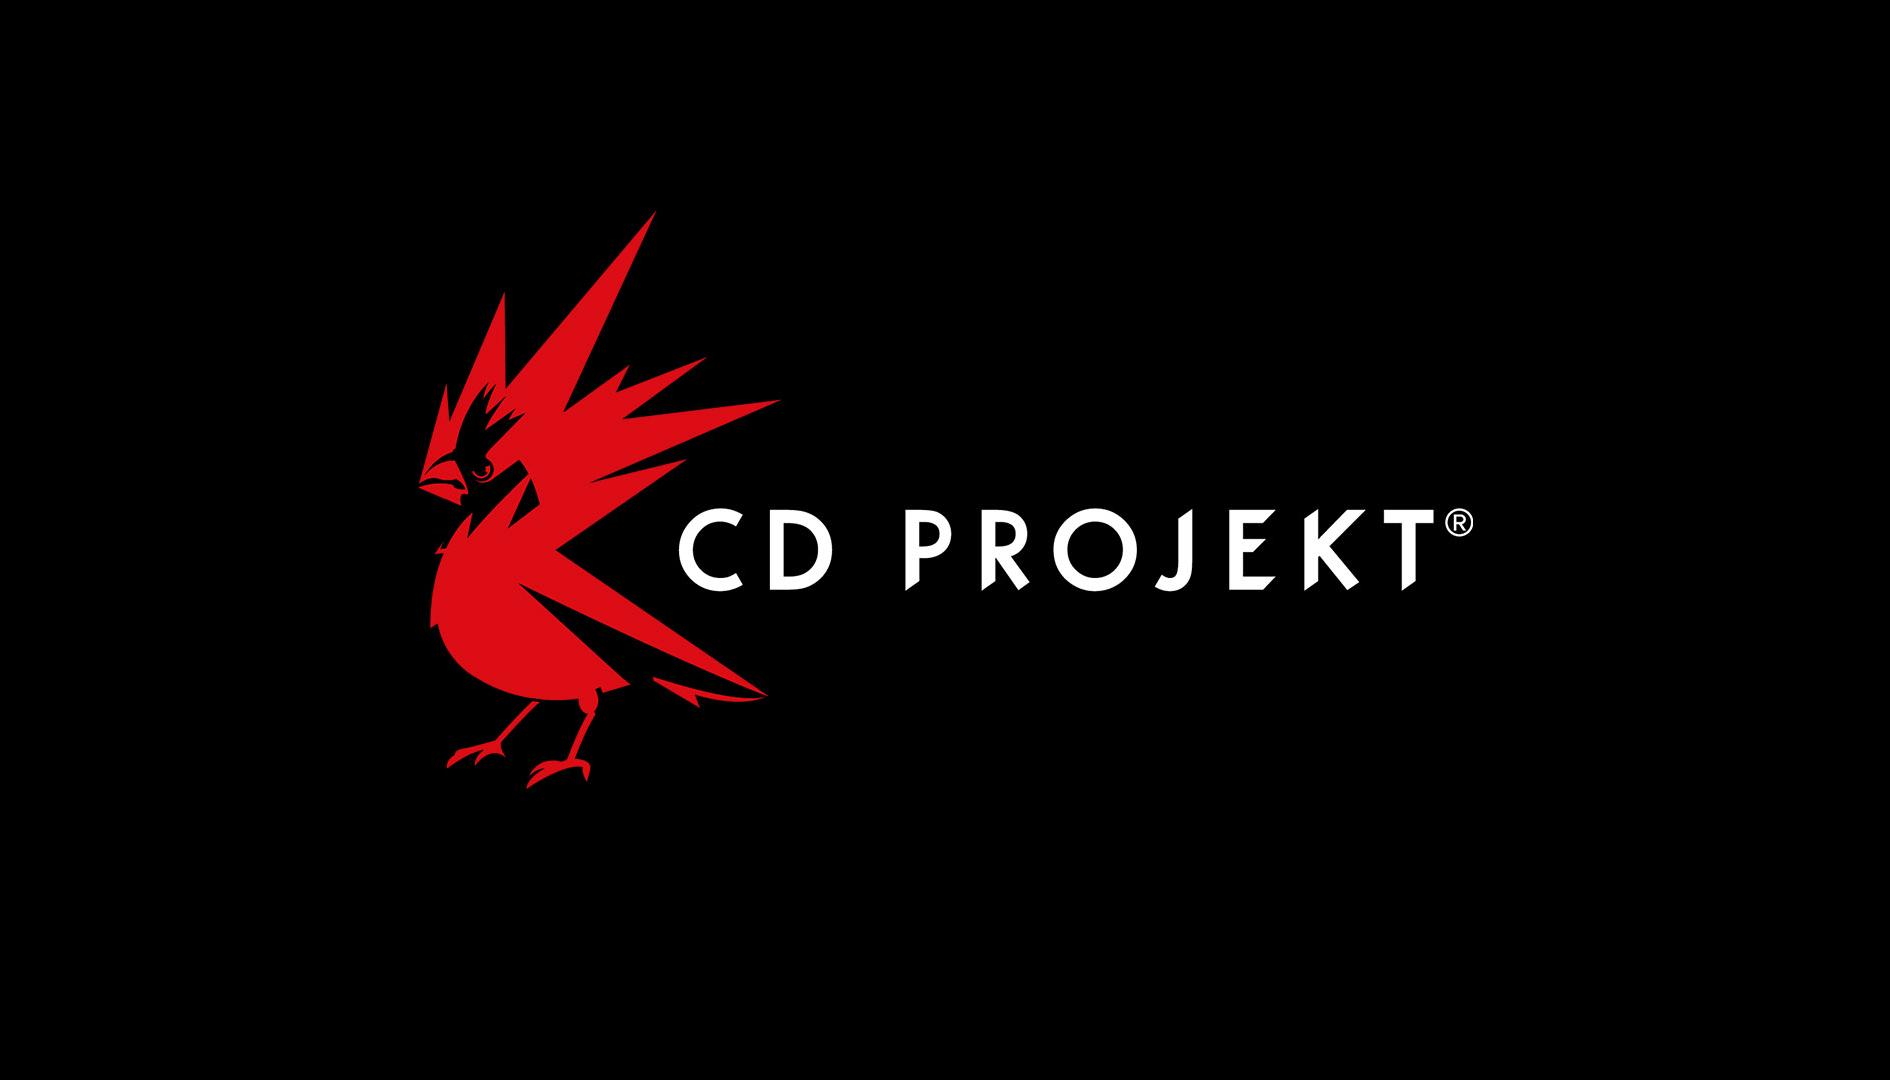 CD Projekt acquistata per colpa di Cyberpunk 2077? Il team commenta